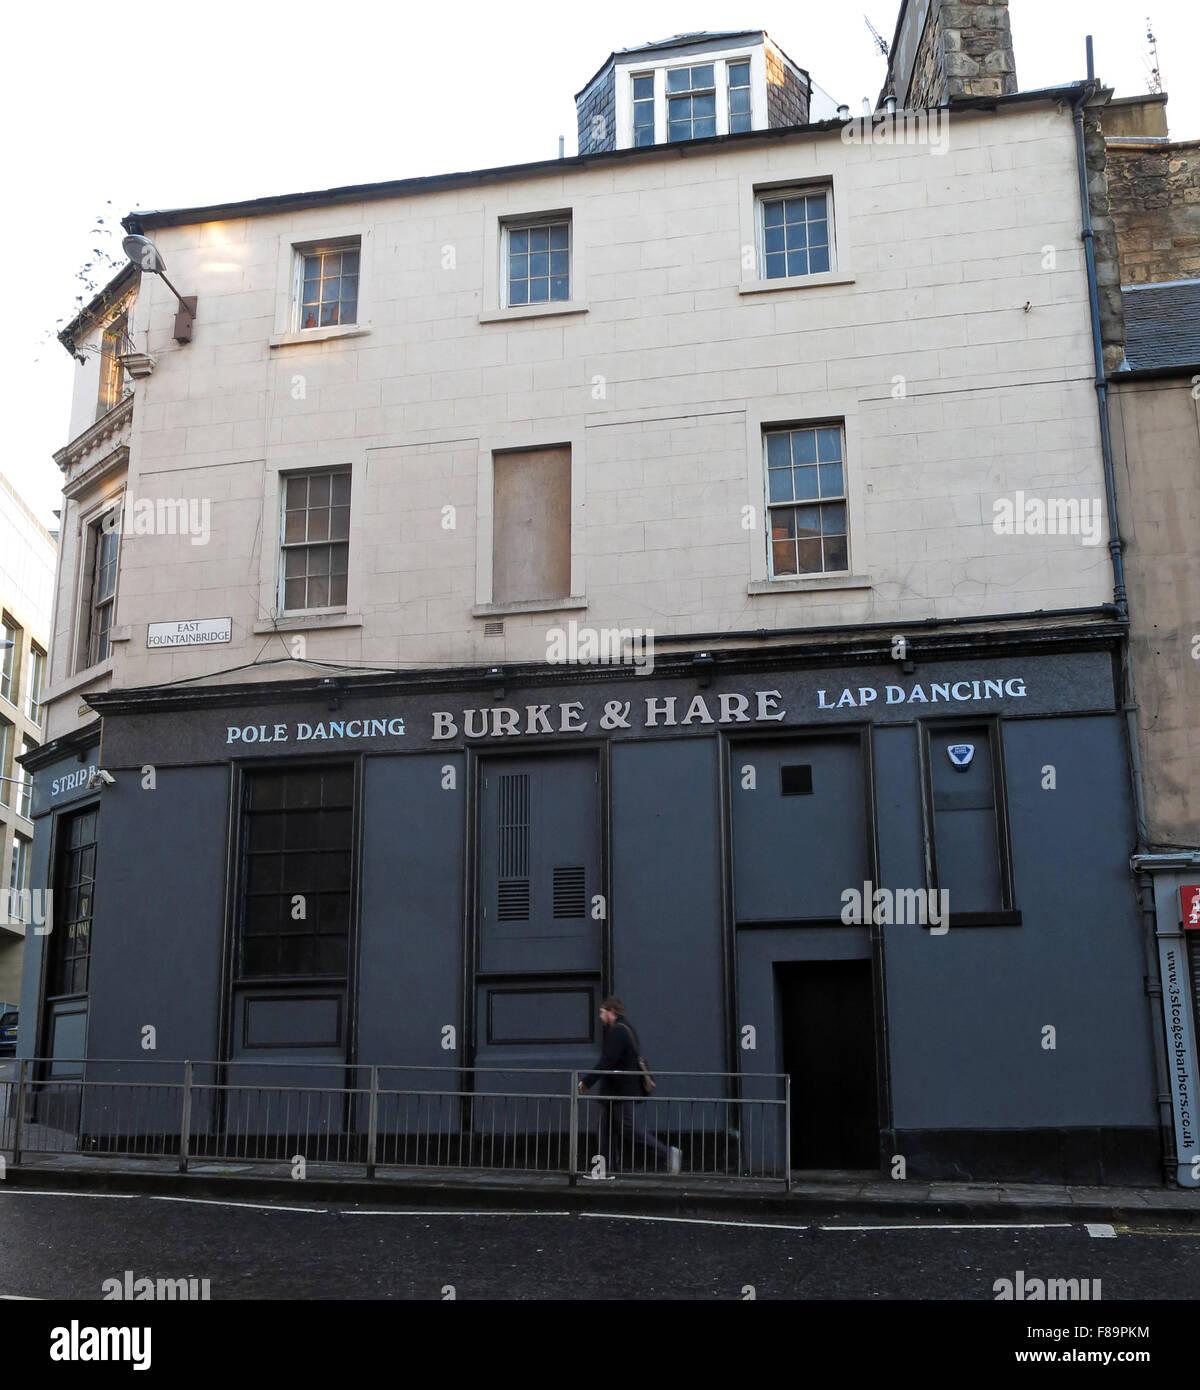 Laden Sie dieses Alamy Stockfoto Die Burke & Hase Pol und Lapdance-Kneipe, Pubic Dreieck, hohe Riggs, Edinburgh, Scotland, UK - F89PKM